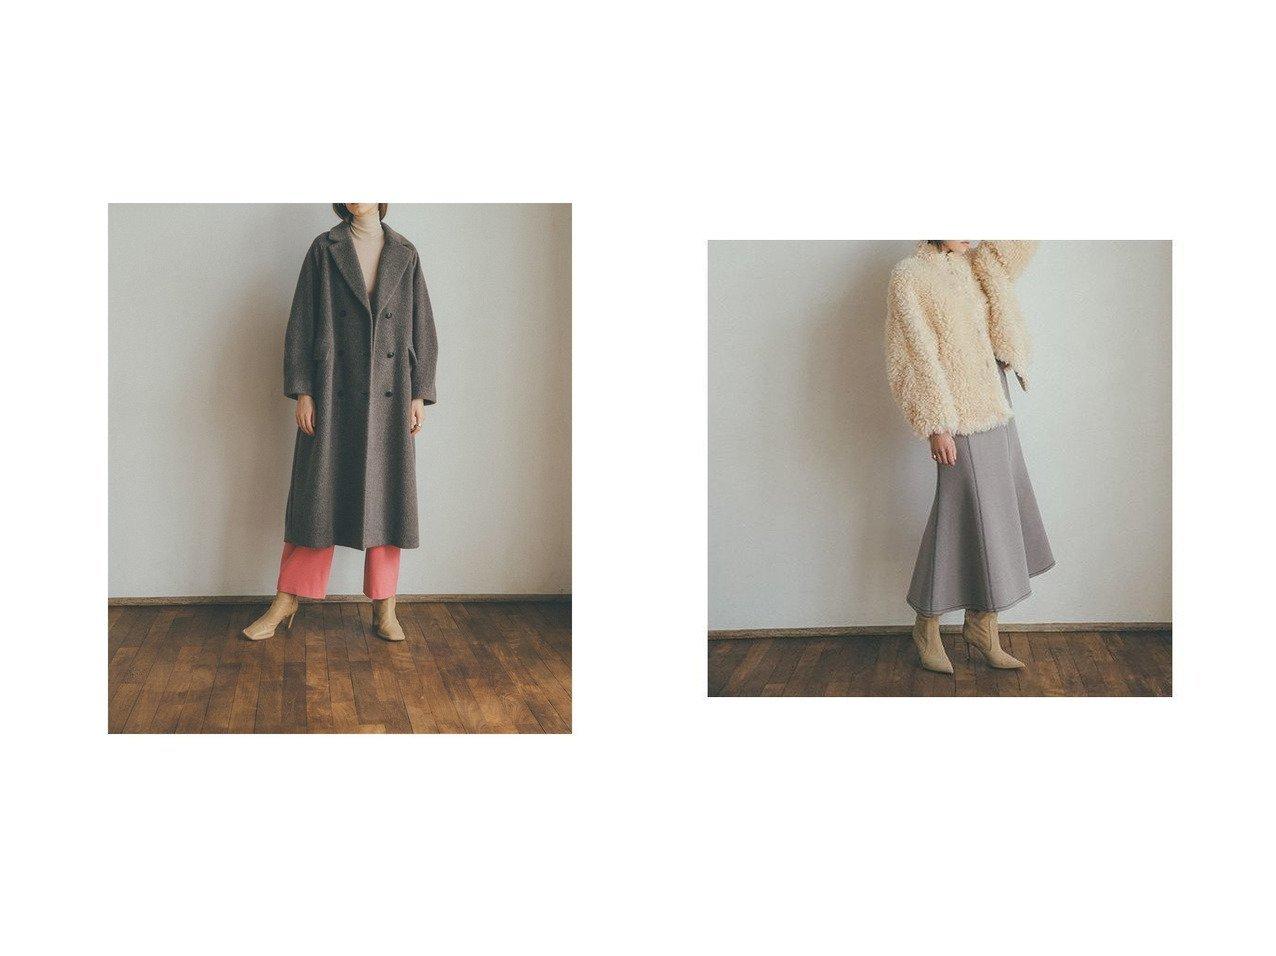 【CLANE/クラネ】のRIVERSIBLE BUCK FUR BLOUSON&DOUBLE WOOL LONG COAT アウターのおすすめ!人気、レディースファッションの通販  おすすめで人気のファッション通販商品 インテリア・家具・キッズファッション・メンズファッション・レディースファッション・服の通販 founy(ファニー) https://founy.com/ ファッション Fashion レディース WOMEN アウター Coat Outerwear コート Coats チェスターコート Top Coat ブルゾン Blouson Jackets ダブル チェスターコート ショート ジャケット スタンド ブルゾン リバーシブル |ID:crp329100000004180